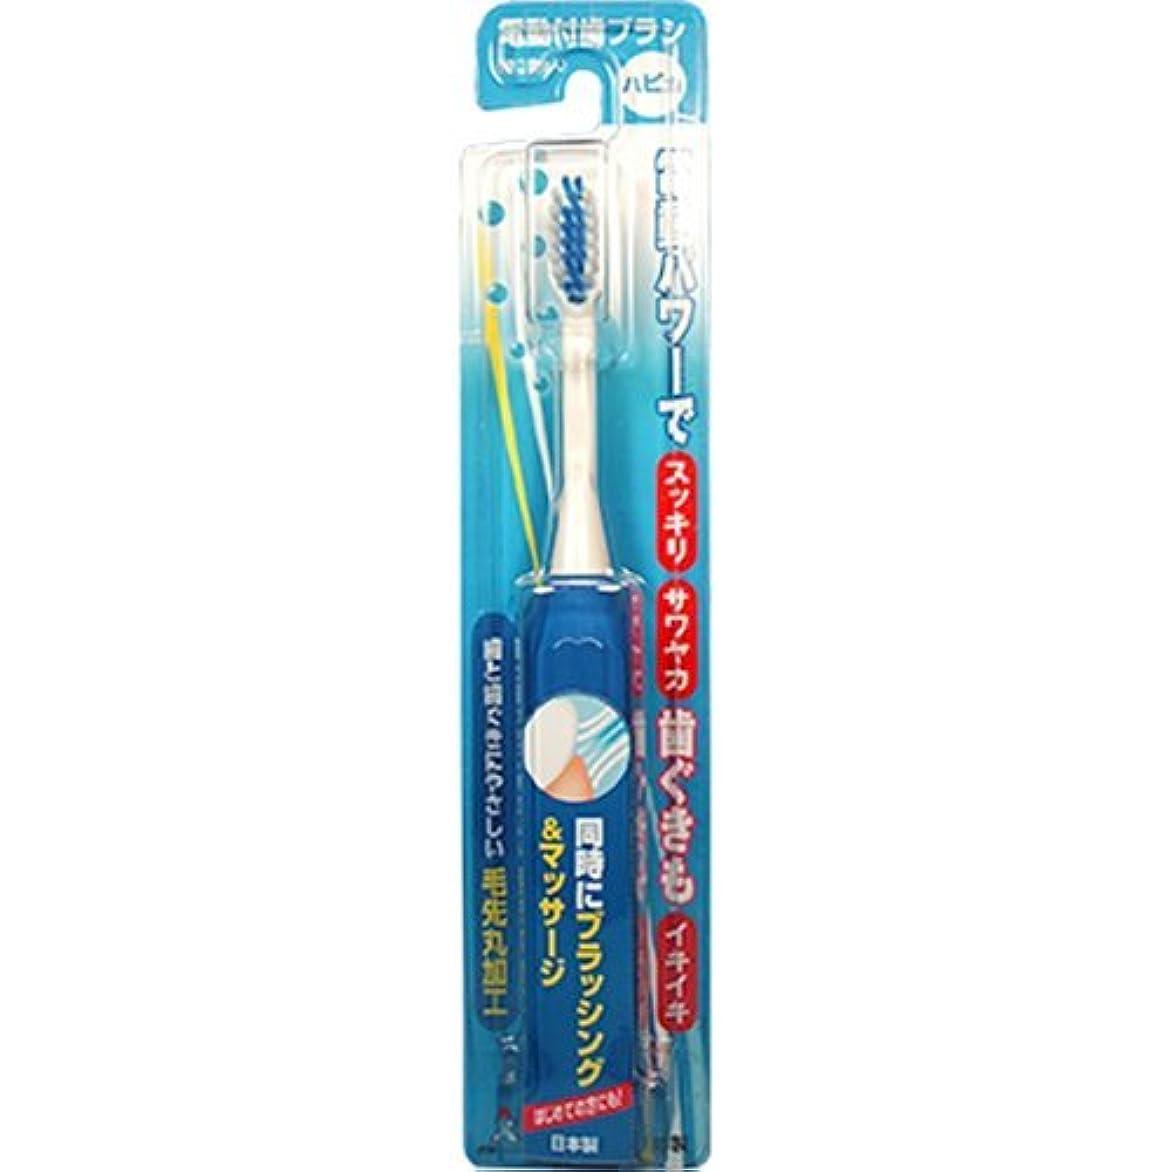 冒険者反抗所有権ミニマム 電動付歯ブラシ ハピカ ブルー 毛の硬さ:やわらかめ DB-3B(BP)